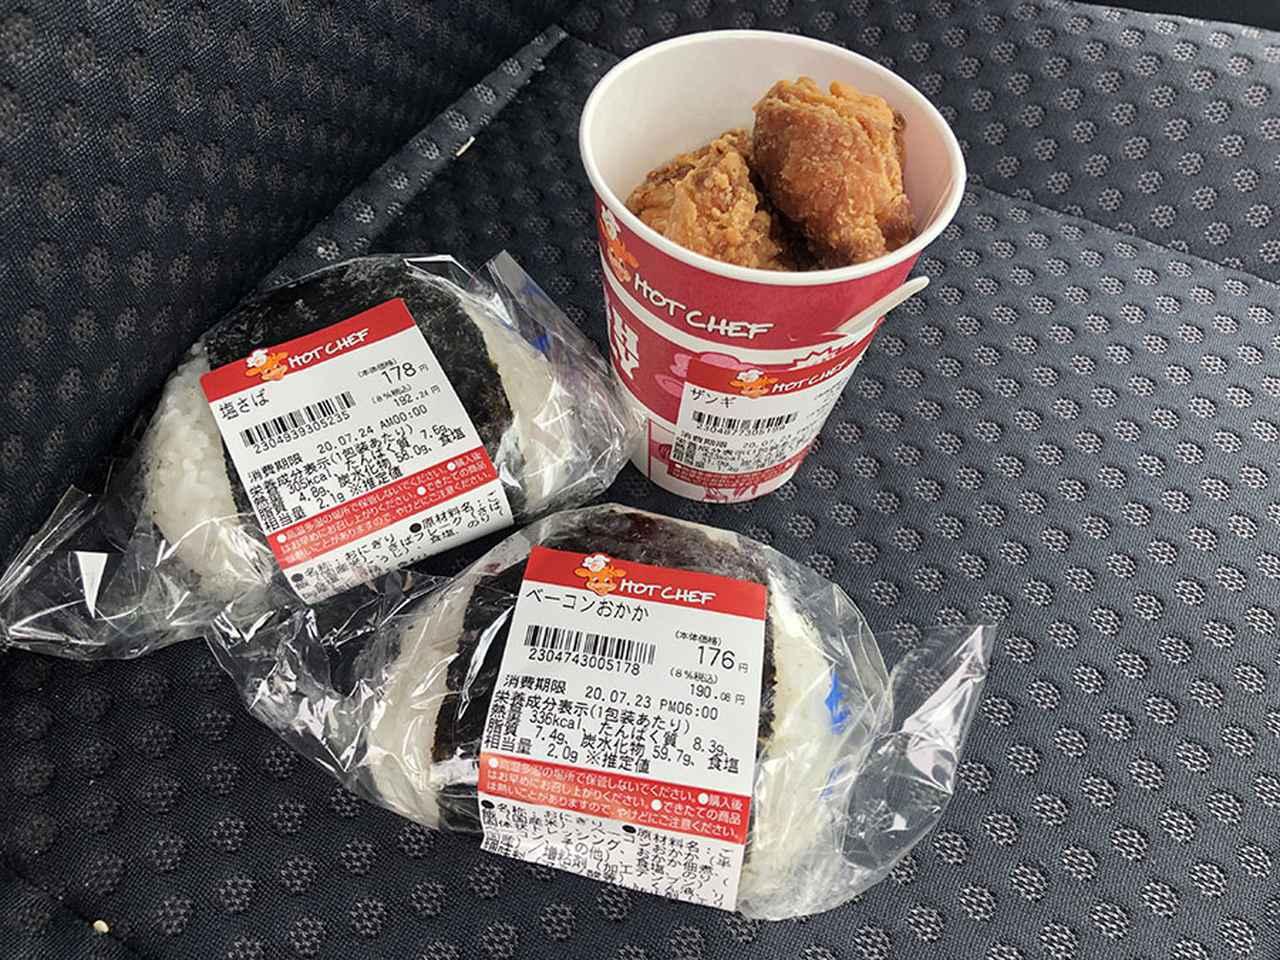 画像: 北海道苫小牧港に到着して、最初のセイコーマートで購入。ザンギ、塩サバのおにぎり、ベーコンおかかのおにぎり。いきなり北海道感を満喫!?